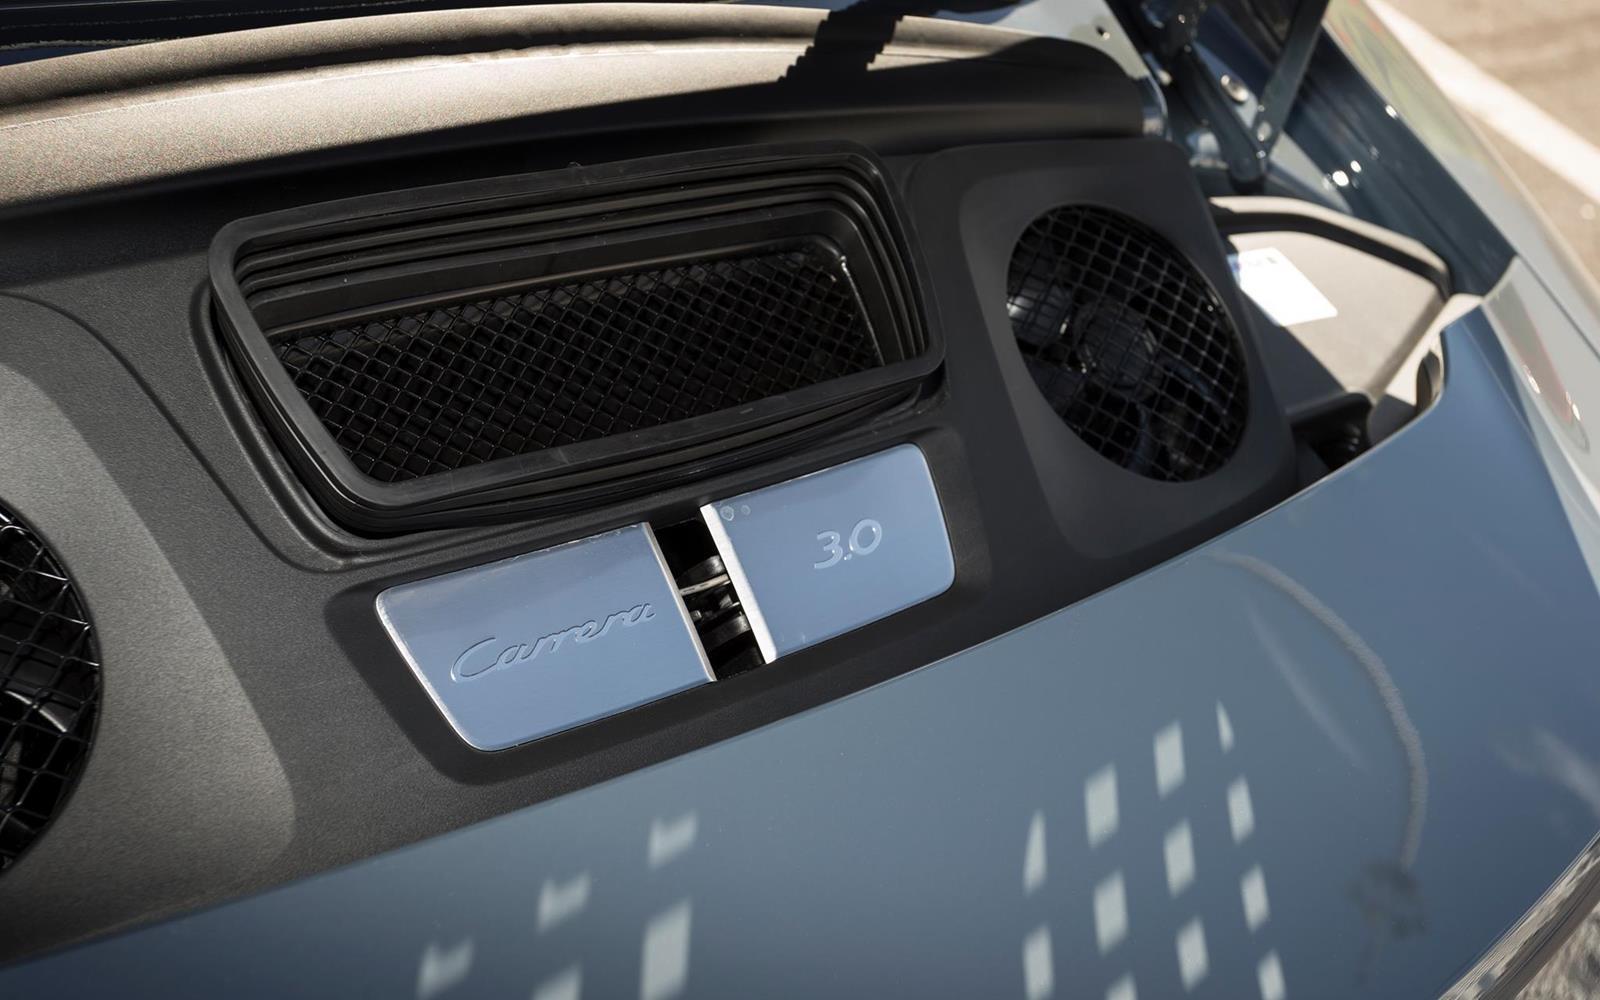 Porsche 911 Carrera 2015 Detail Engine